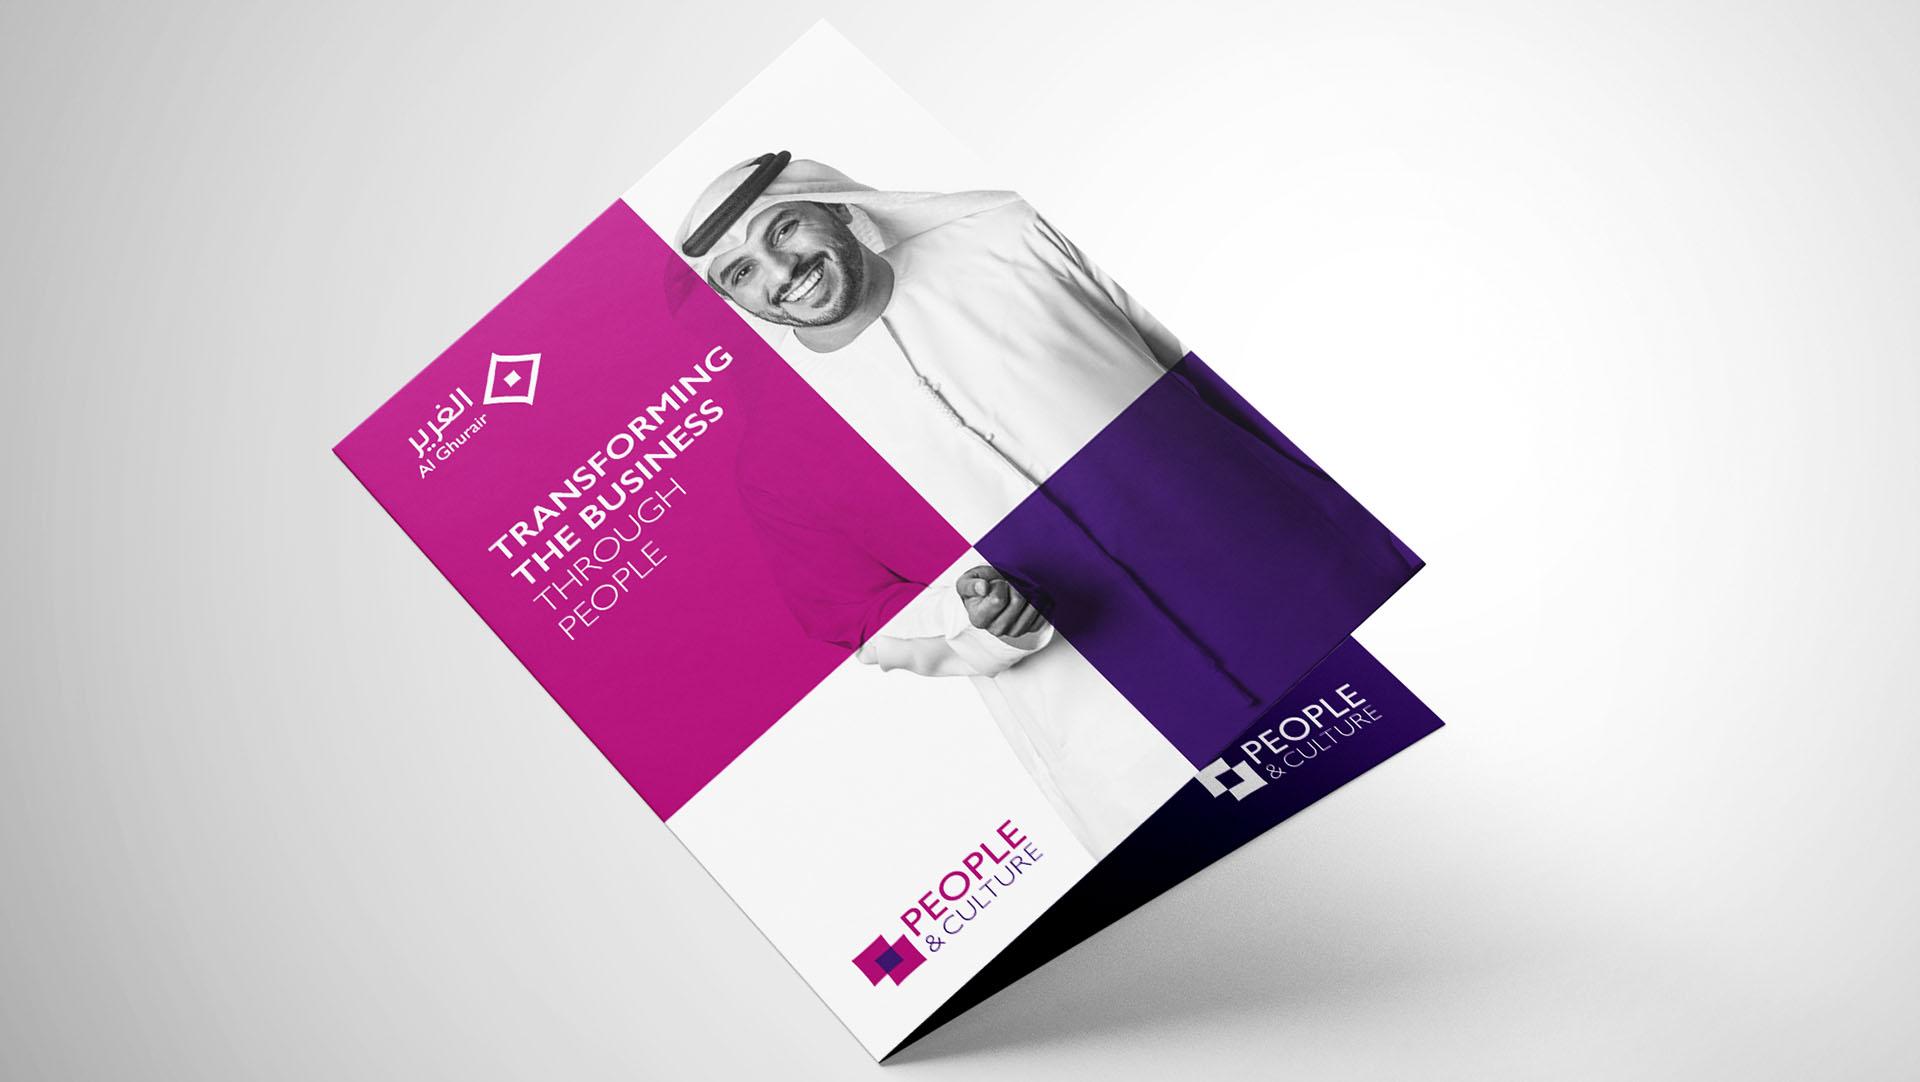 Al Ghurair's HR branding